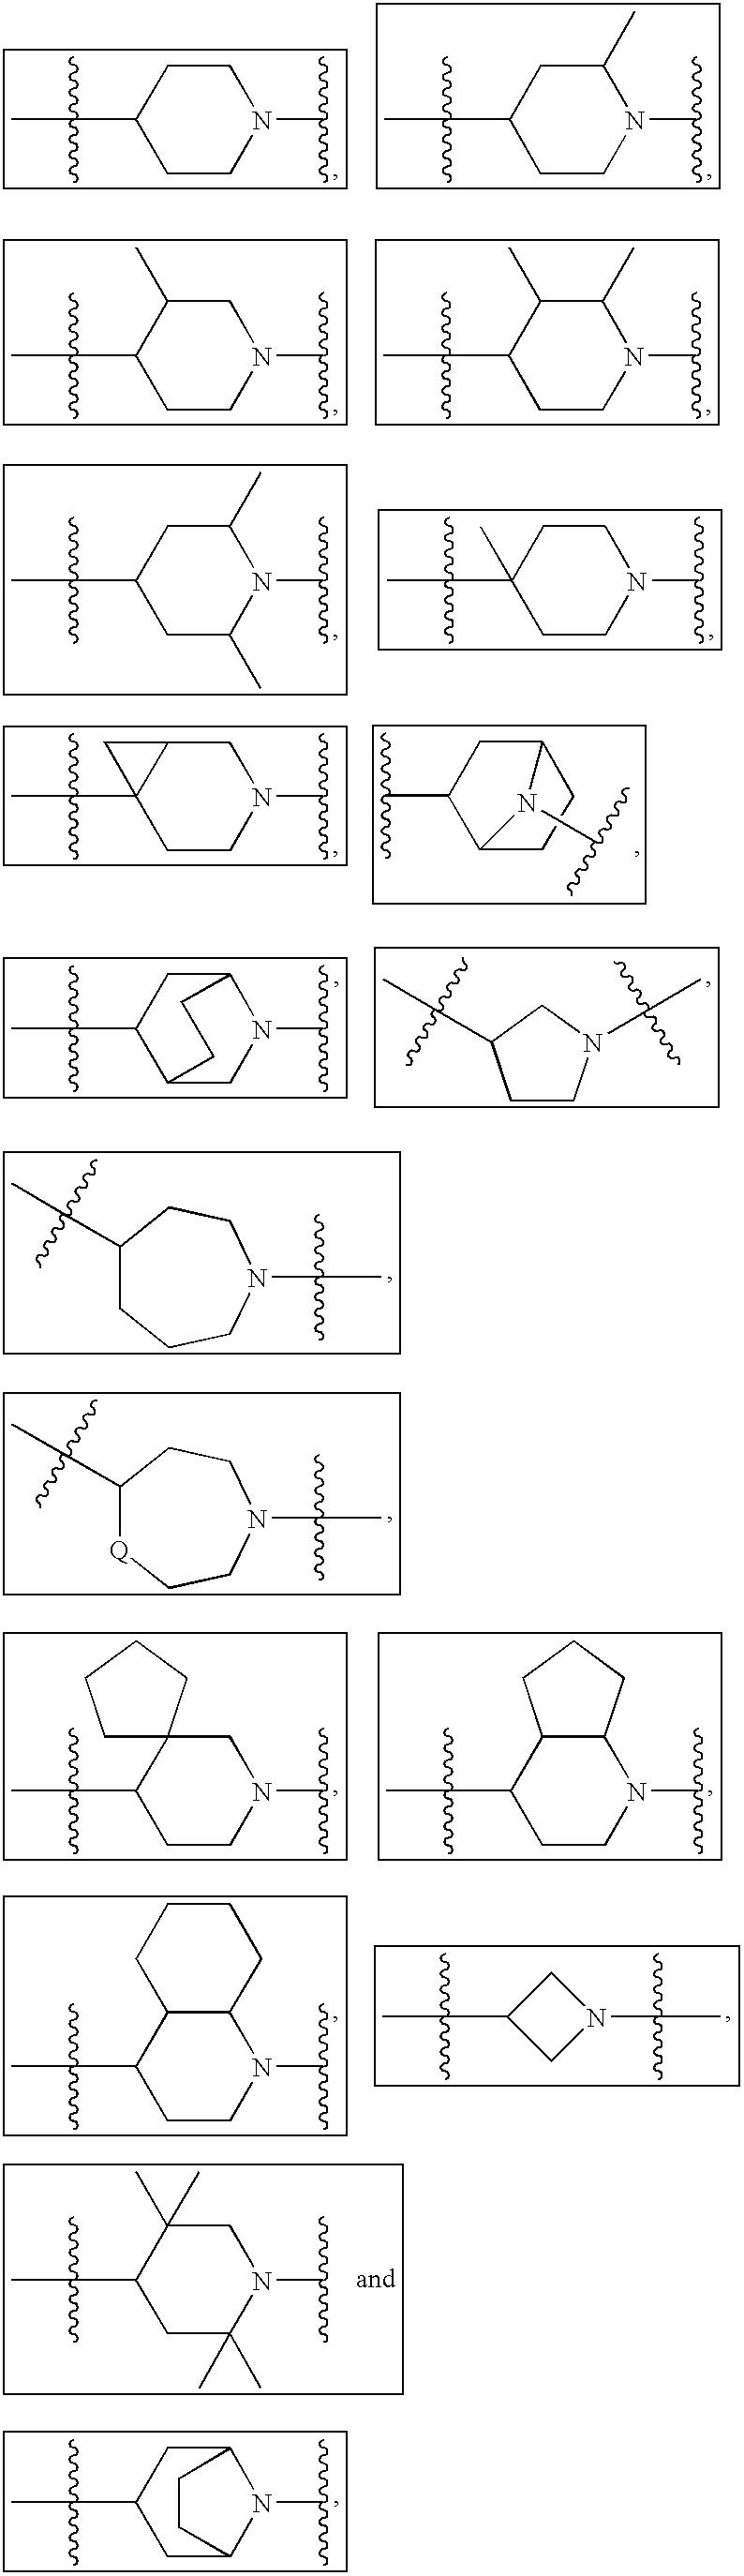 Figure US20080280925A1-20081113-C00211